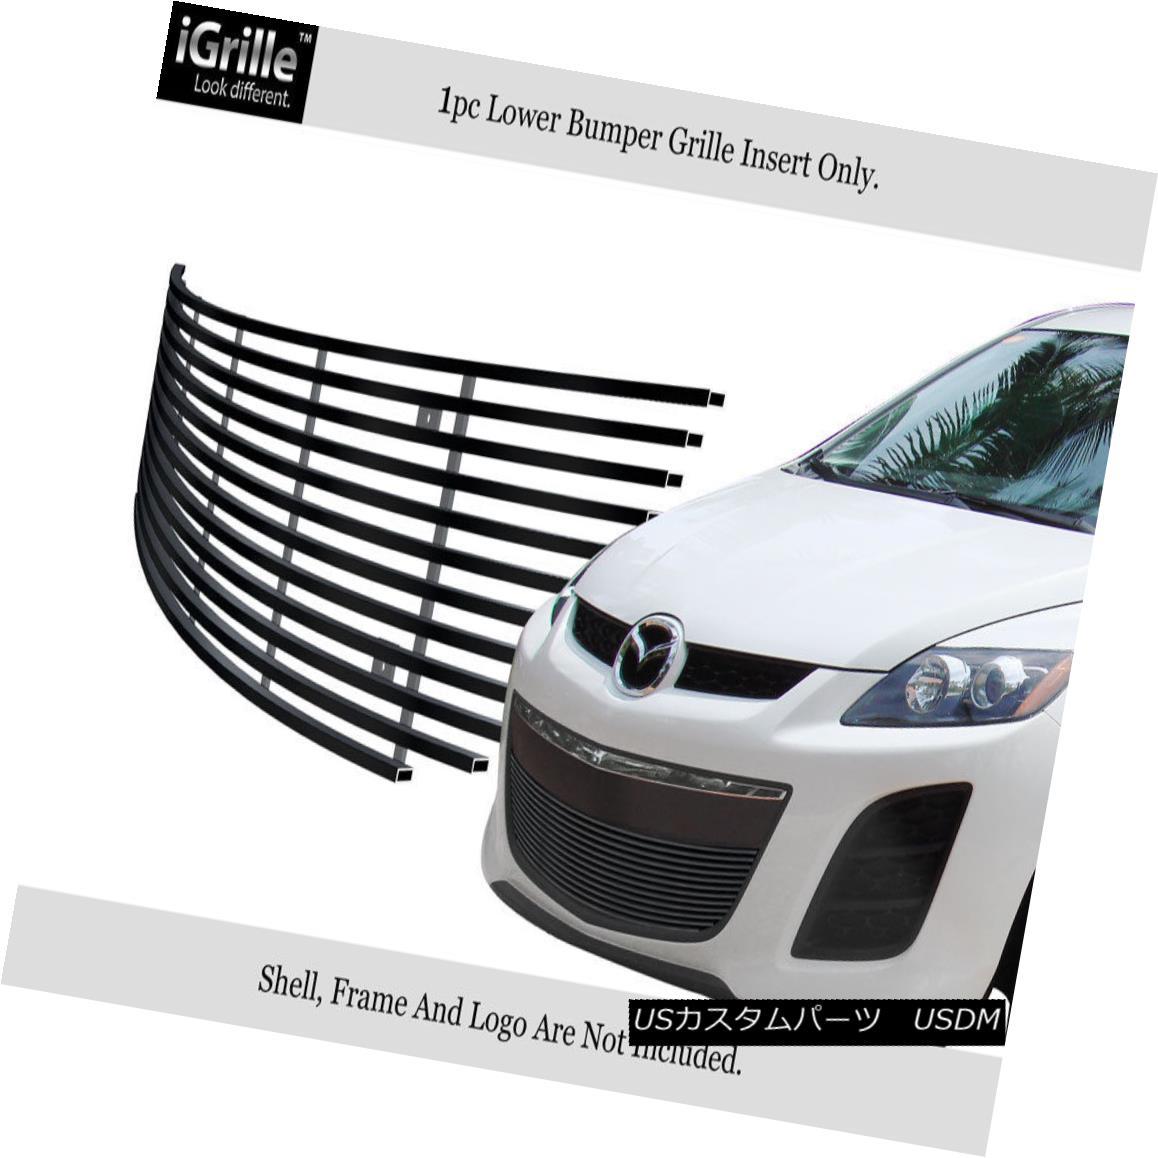 グリル Fits 2010-2012 Mazda CX-7 CX7 Black Bumper Stainless Steel Billet Grille Insert フィット2010-2012マツダCX - 7 CX7ブラックバンパーステンレス鋼ビレットグリルインサート